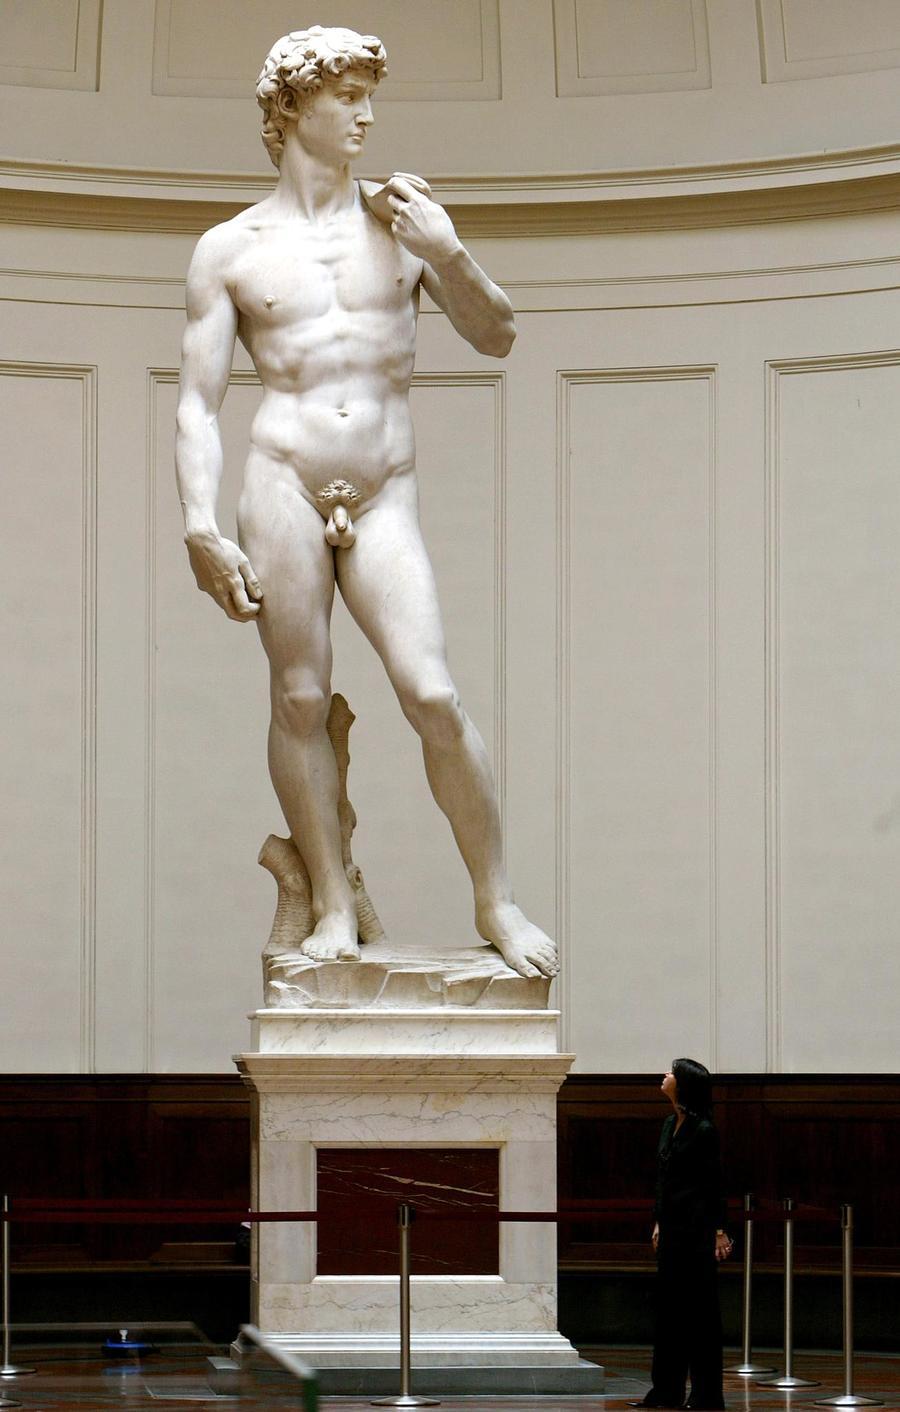 Итальянцы спасают знаменитую статую Давида работы Микеланджело от землетрясений